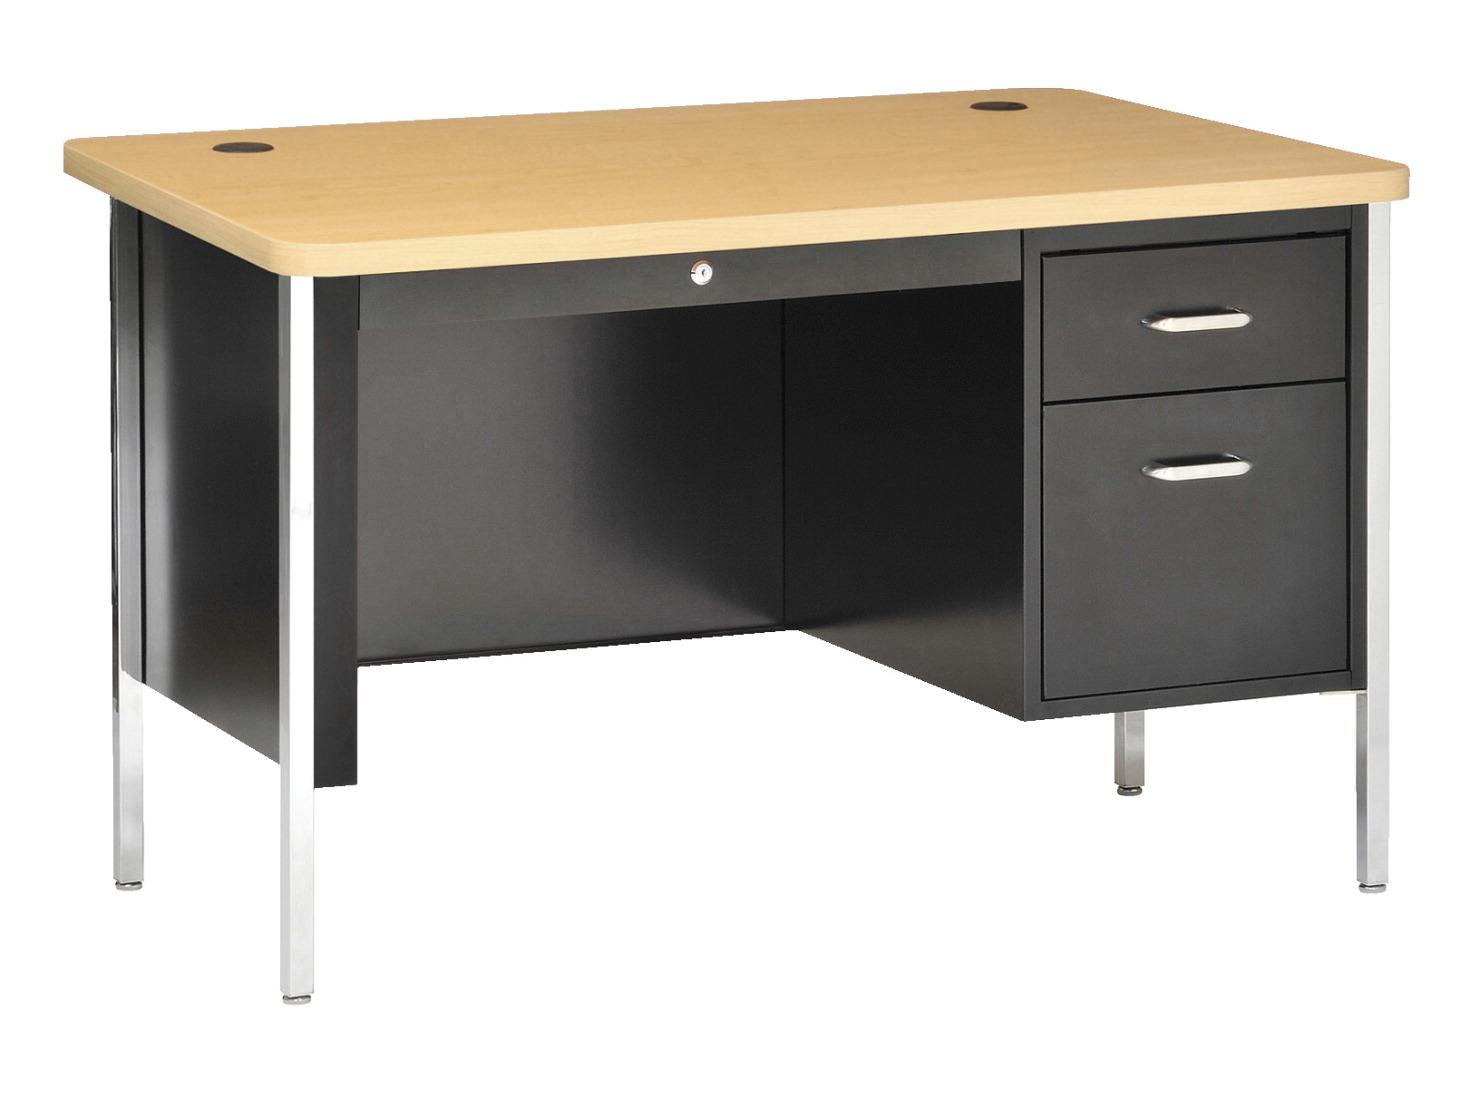 Single Pedestal Desk School Specialty Marketplace